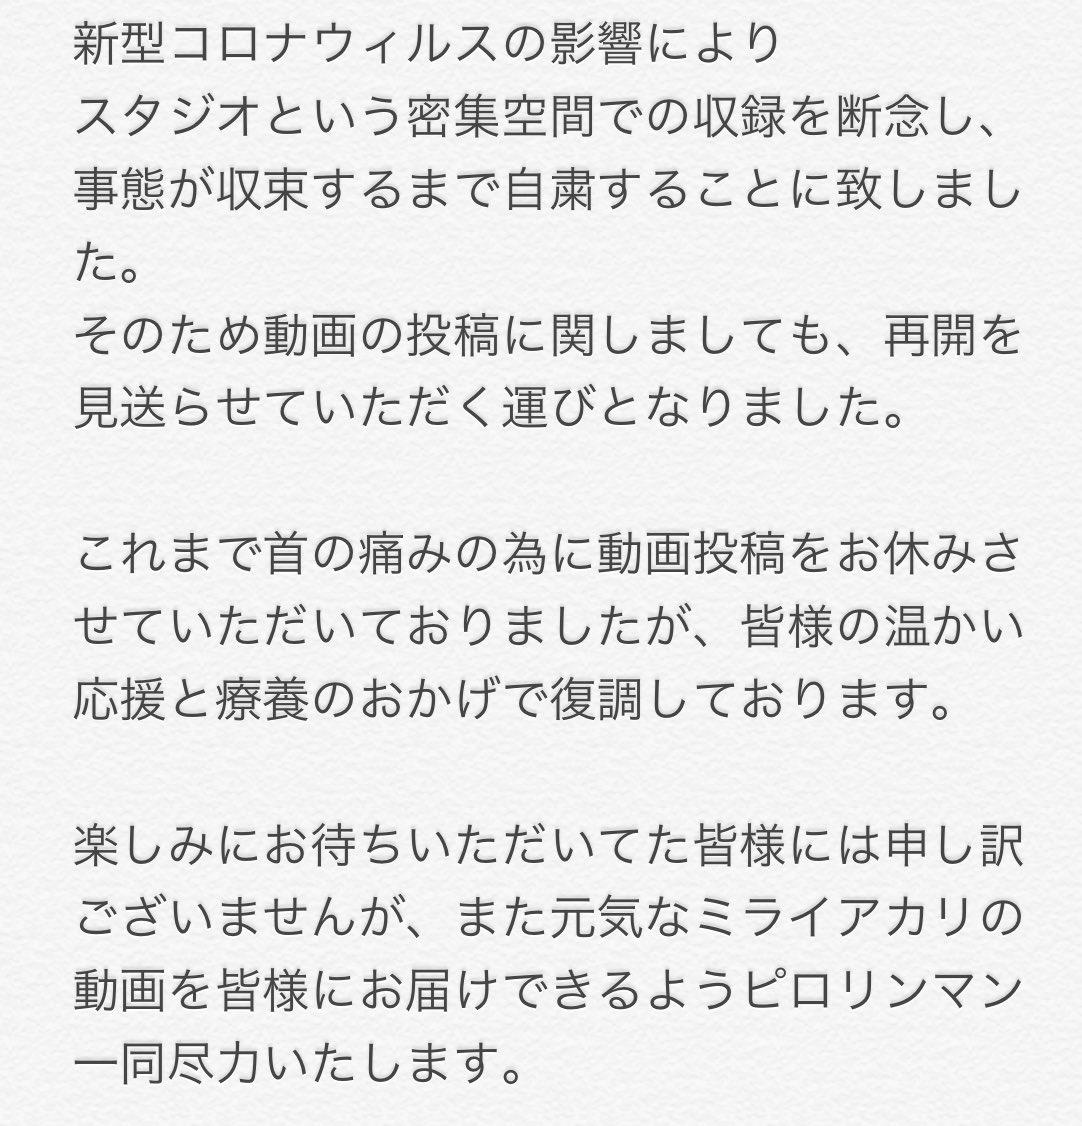 【ミライアカリの動画投稿について】